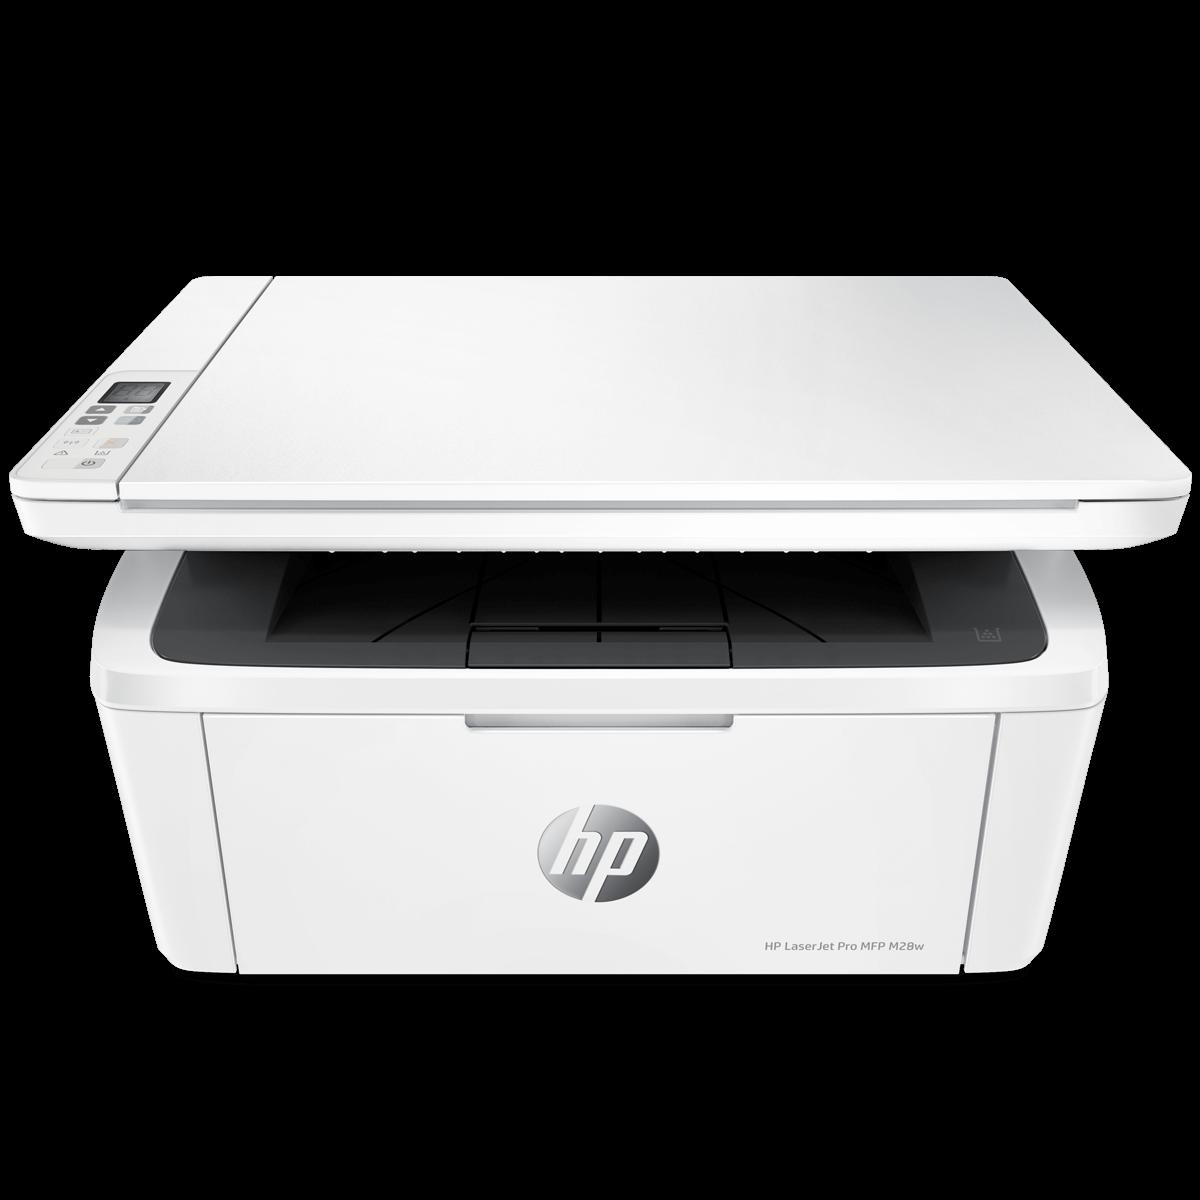 HP LaserJet Pro MFP M28w打印機